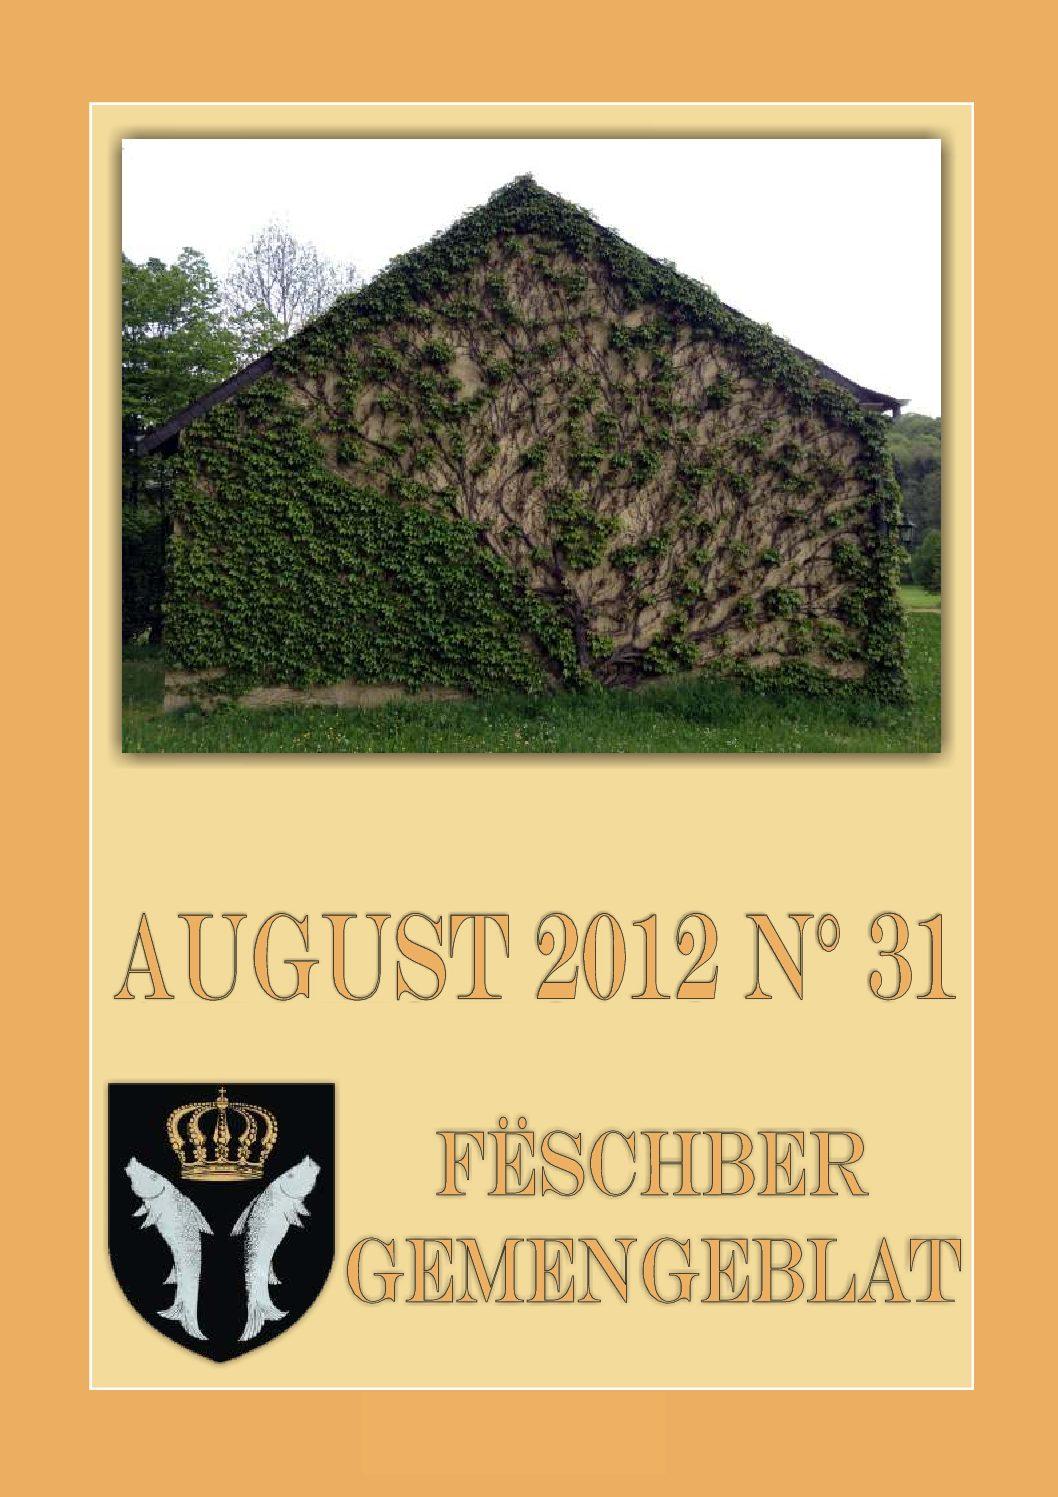 August 2012 Gemengeblat No. 31